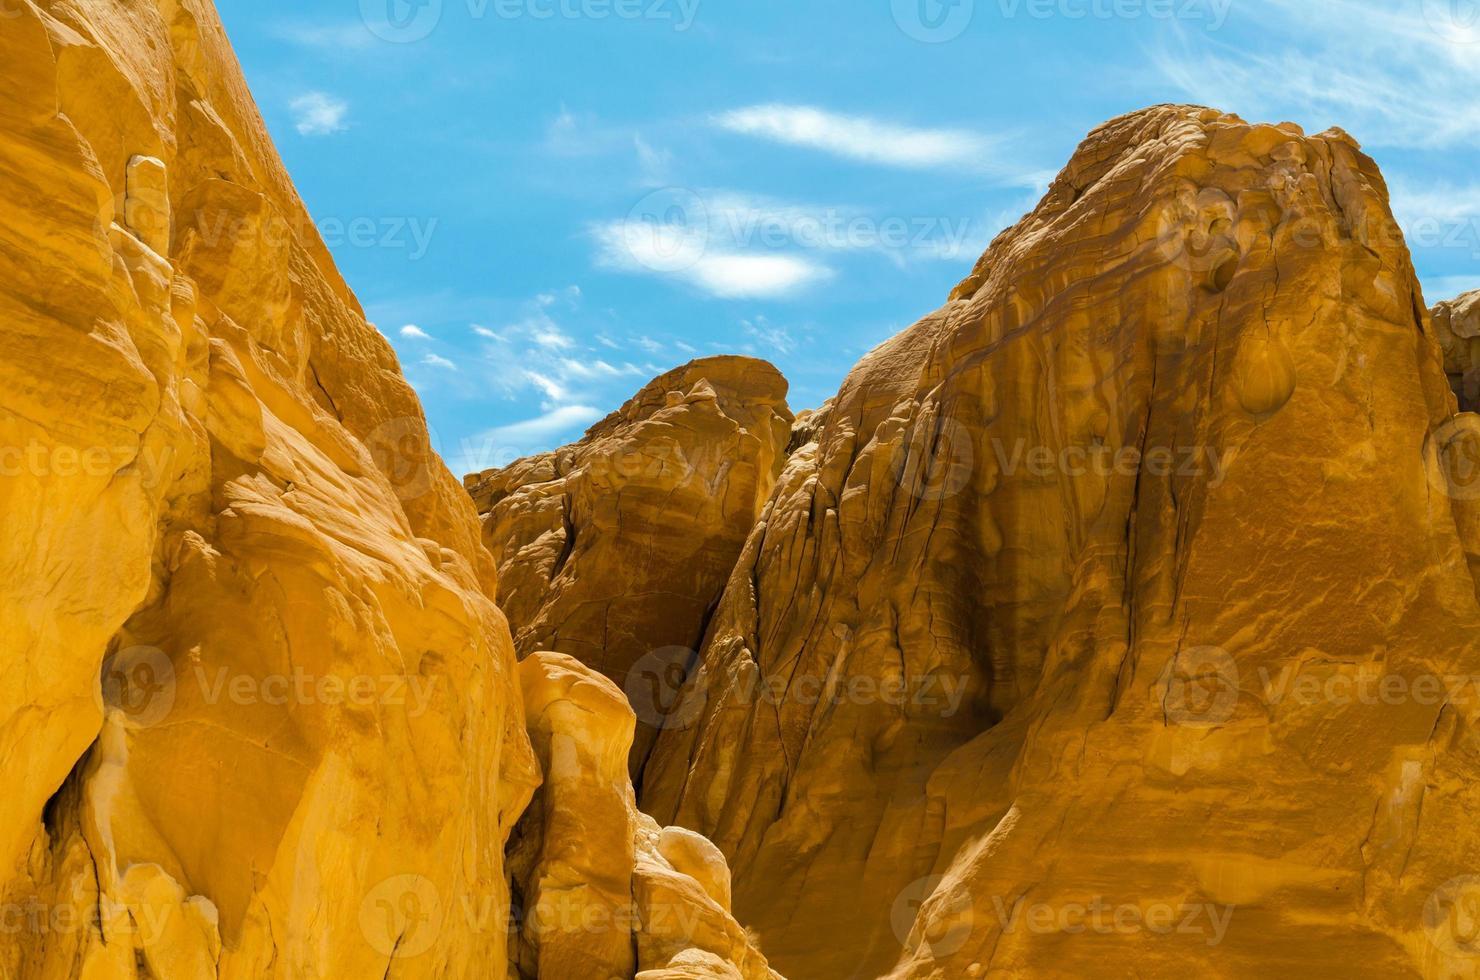 rotsachtige bergen en lucht foto